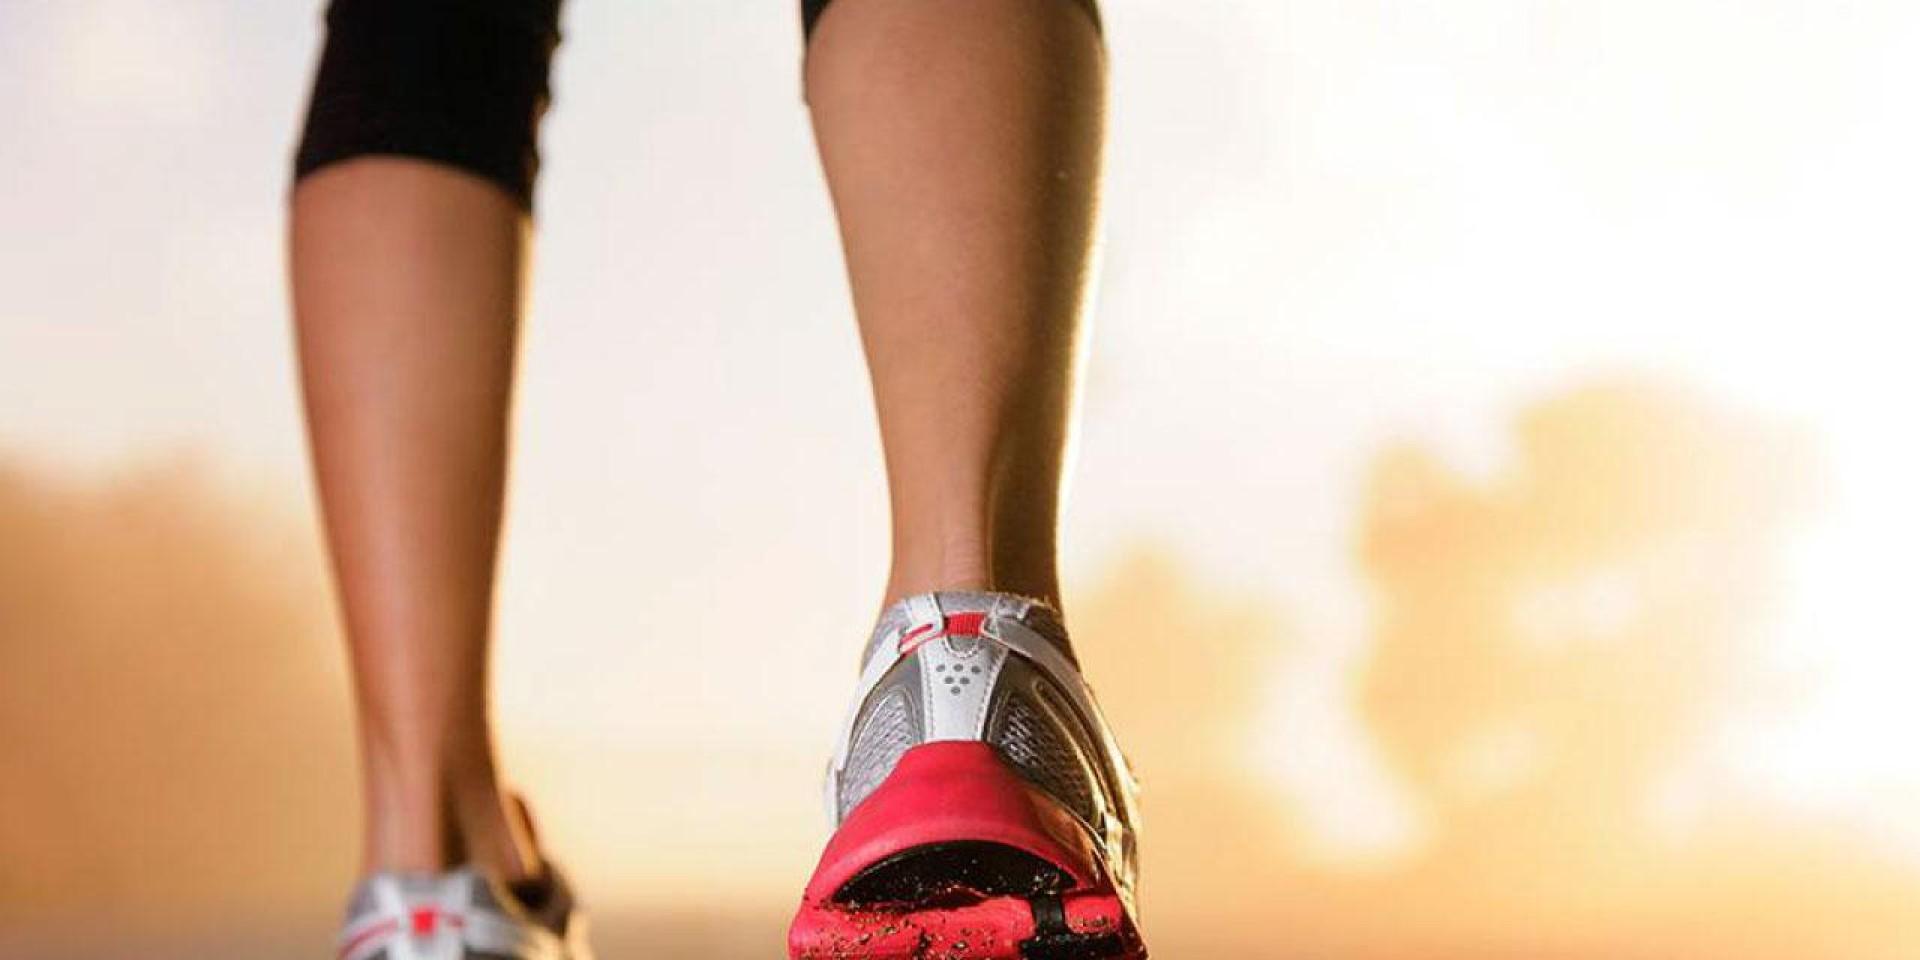 Quais os desportos que mais ajudam a emagrecer?